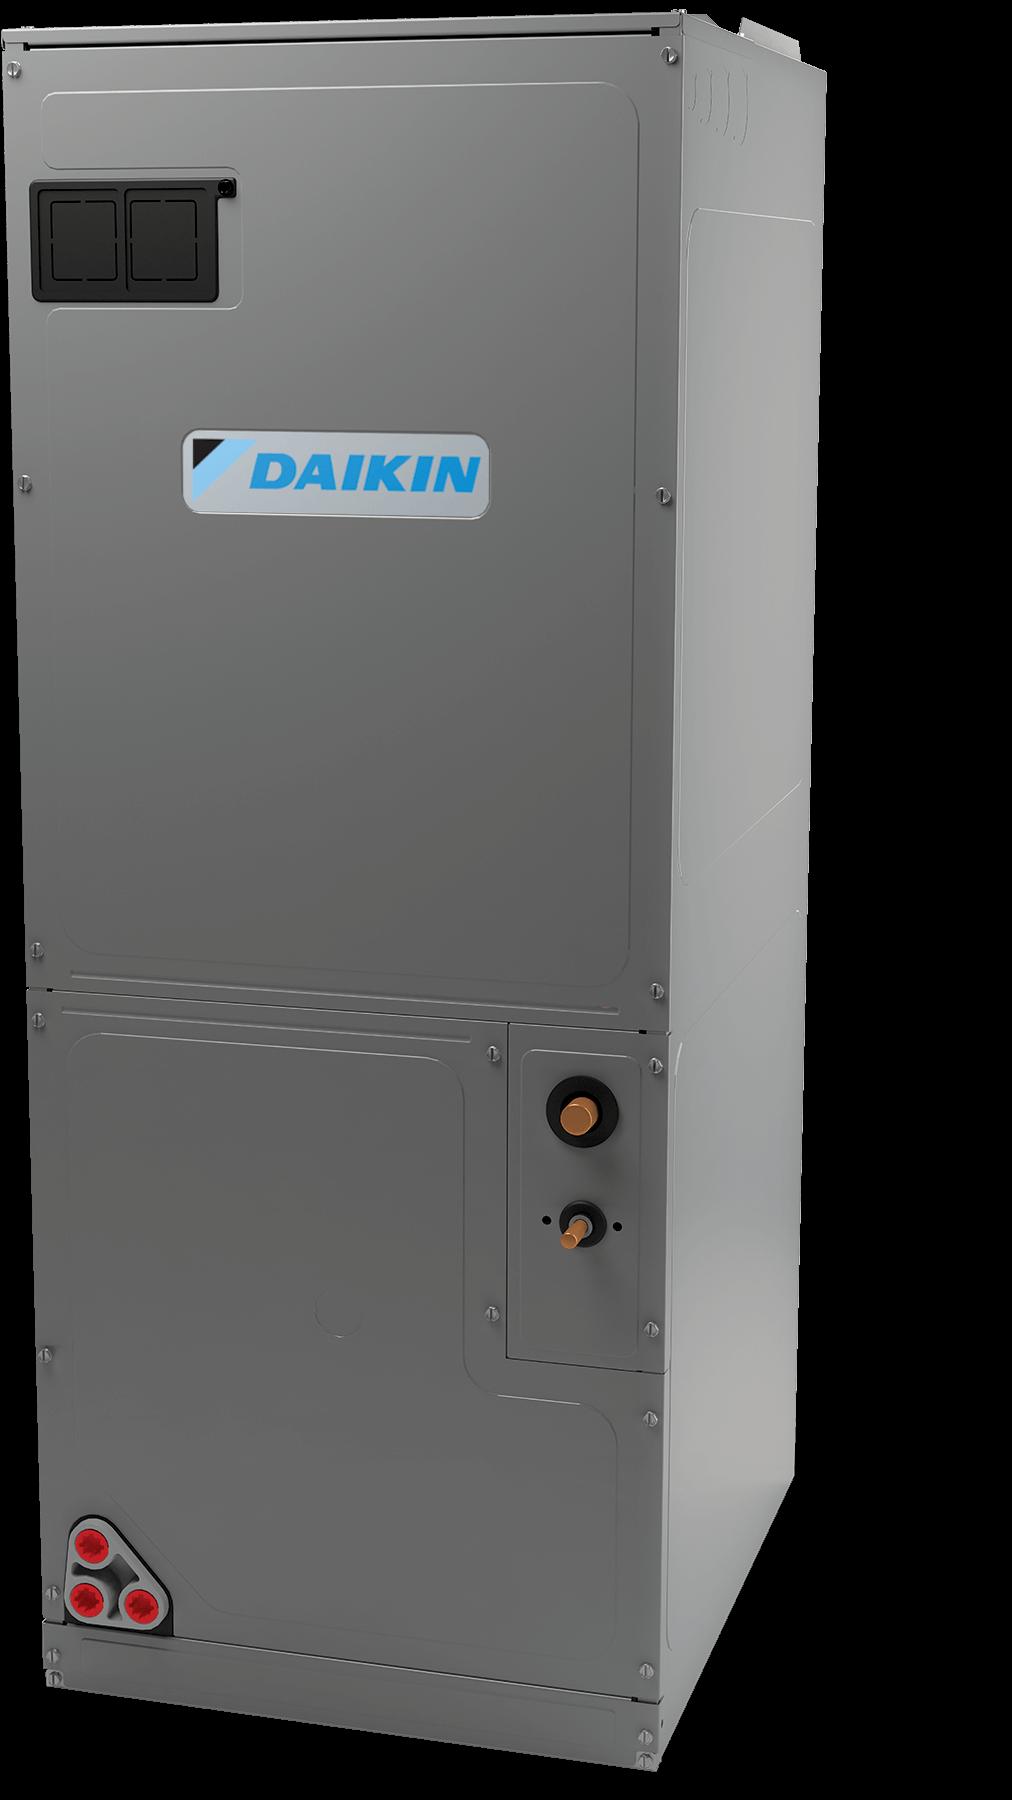 ASPT Air Handler - Whole House Air Handler | Daikin